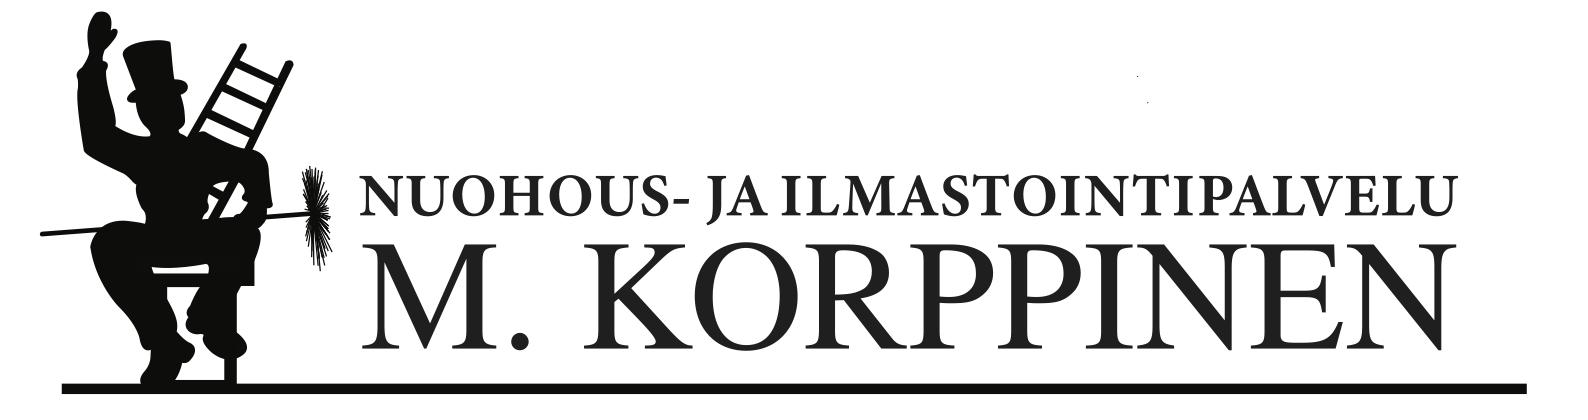 M. Korppinen Nuohous - ja ilmastointipalvelu